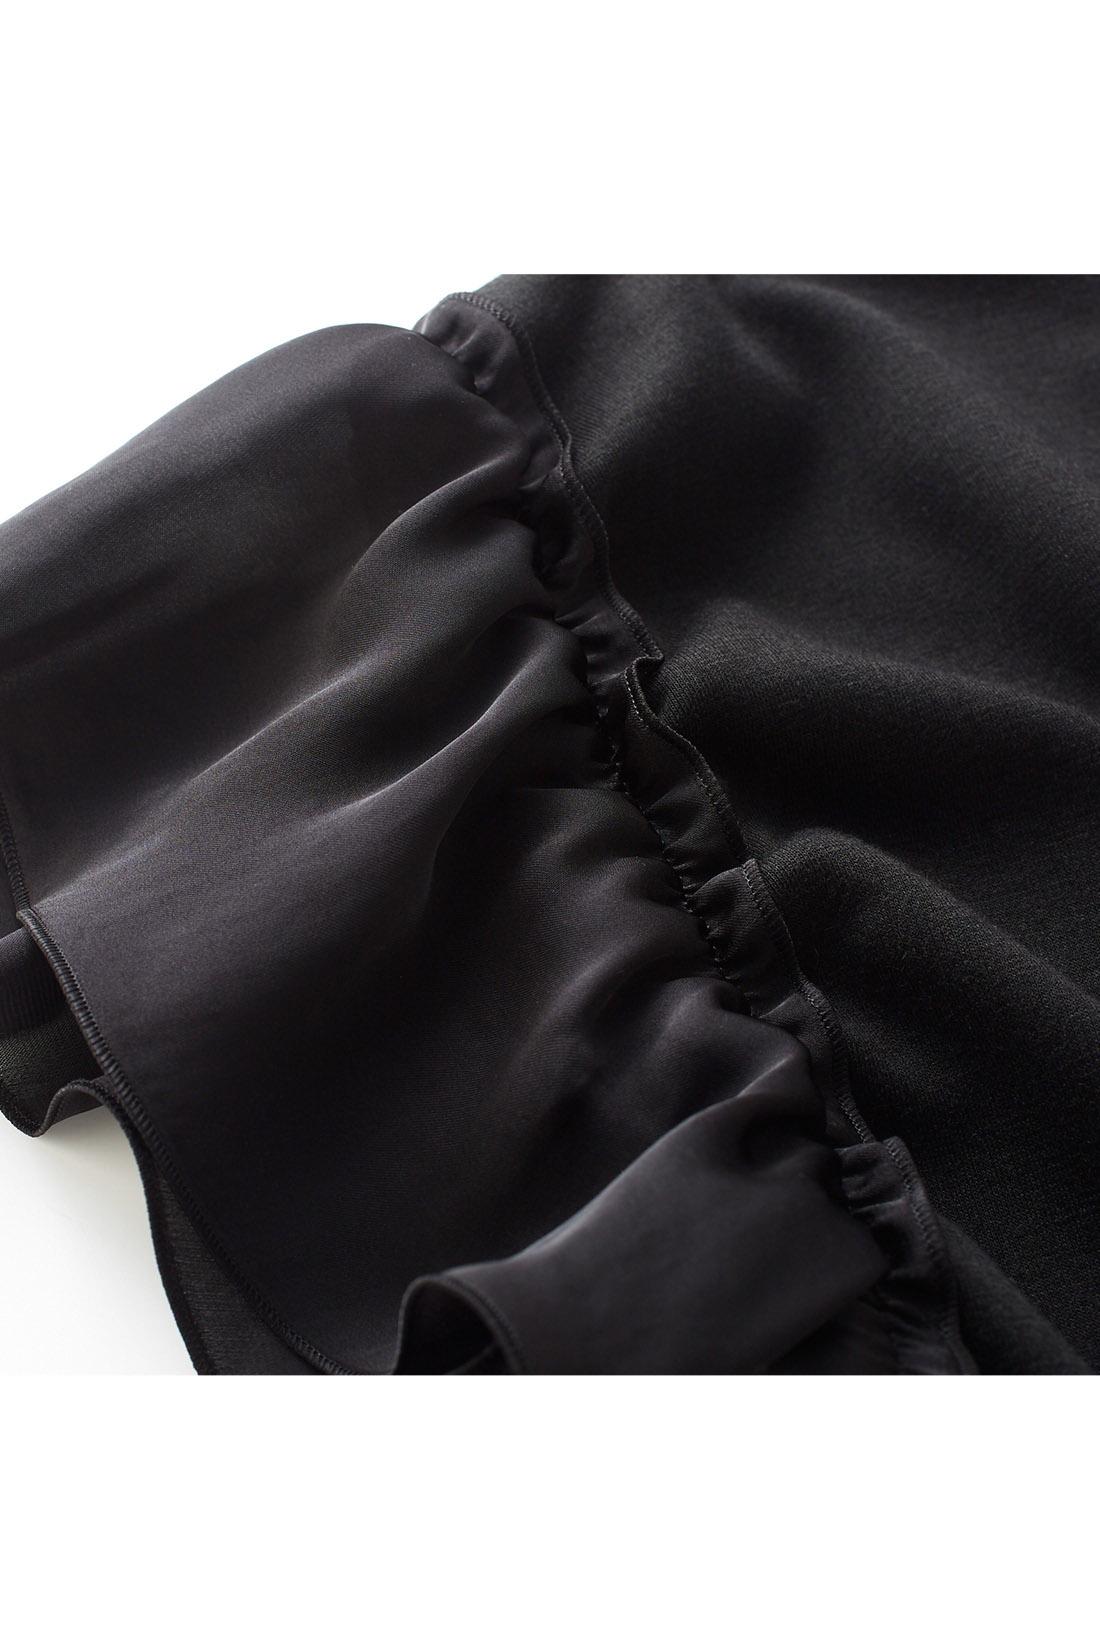 カットソーとサテンをドッキング 身ごろは上質感のある吸汗速乾のカットソー素材、袖はモードな艶感のあるサテン素材。しわになりにくくお手入れも簡単です。 ※お届けするカラーとは異なります。